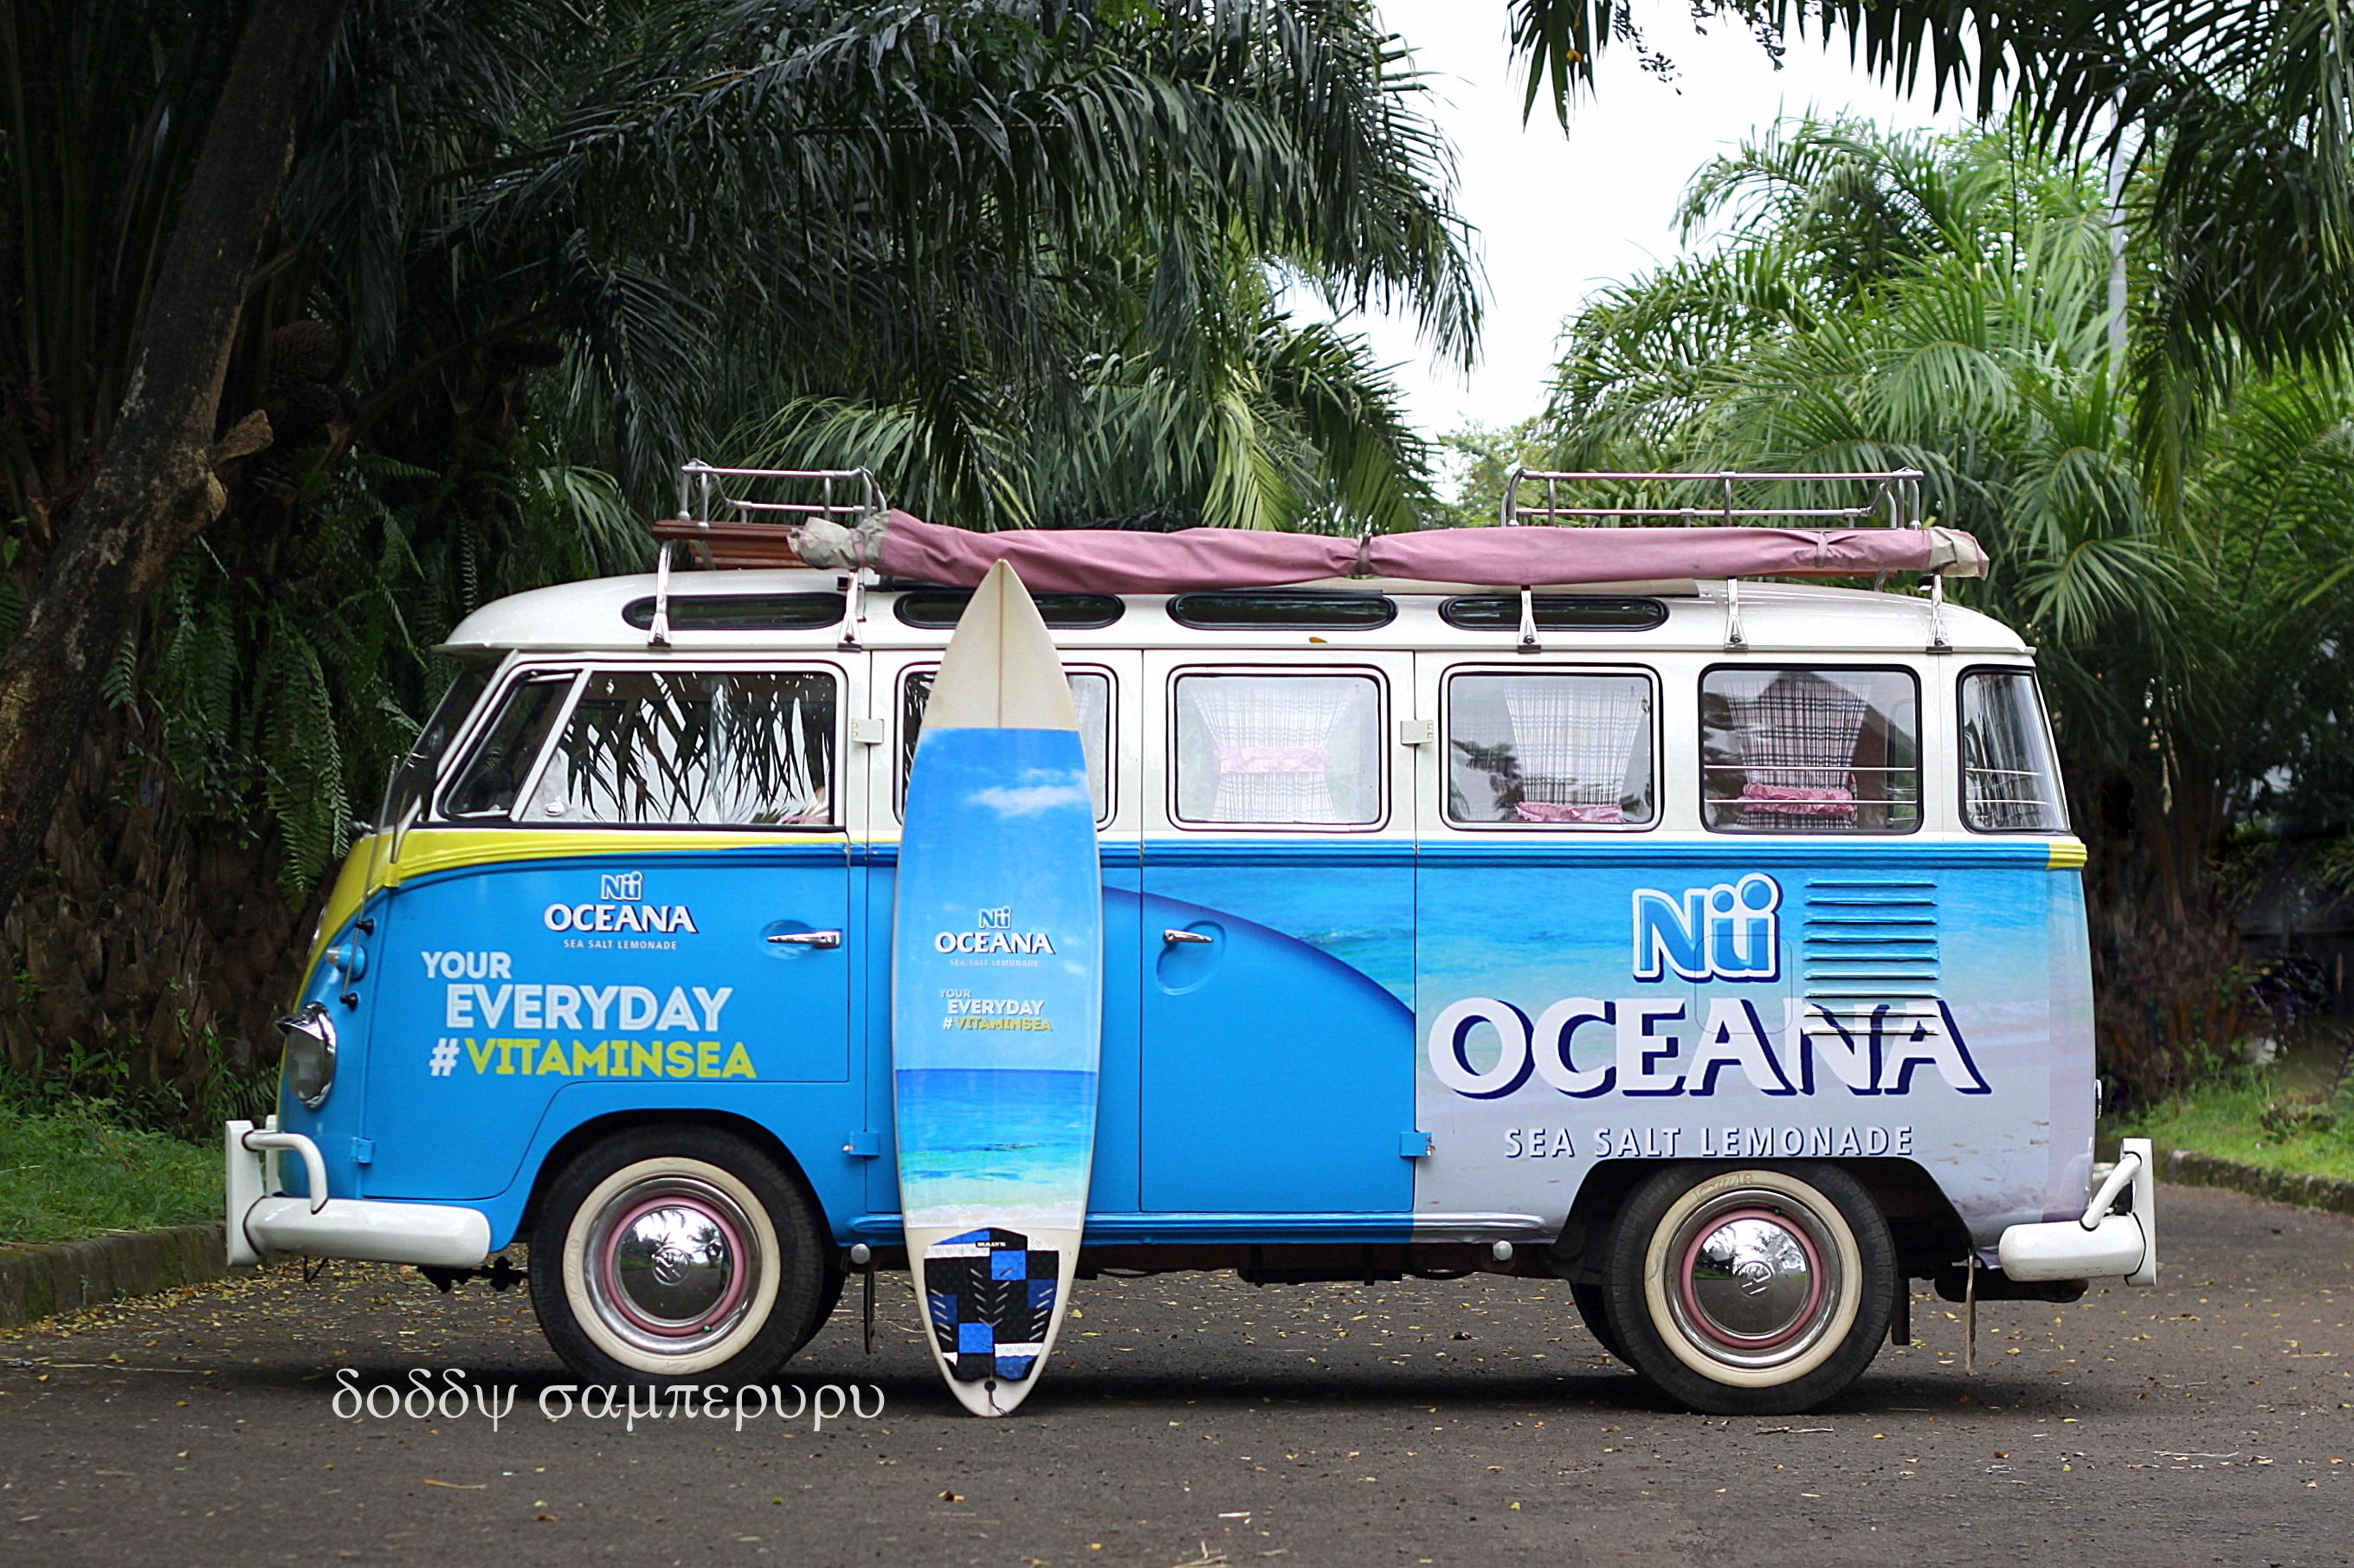 Oceana 8